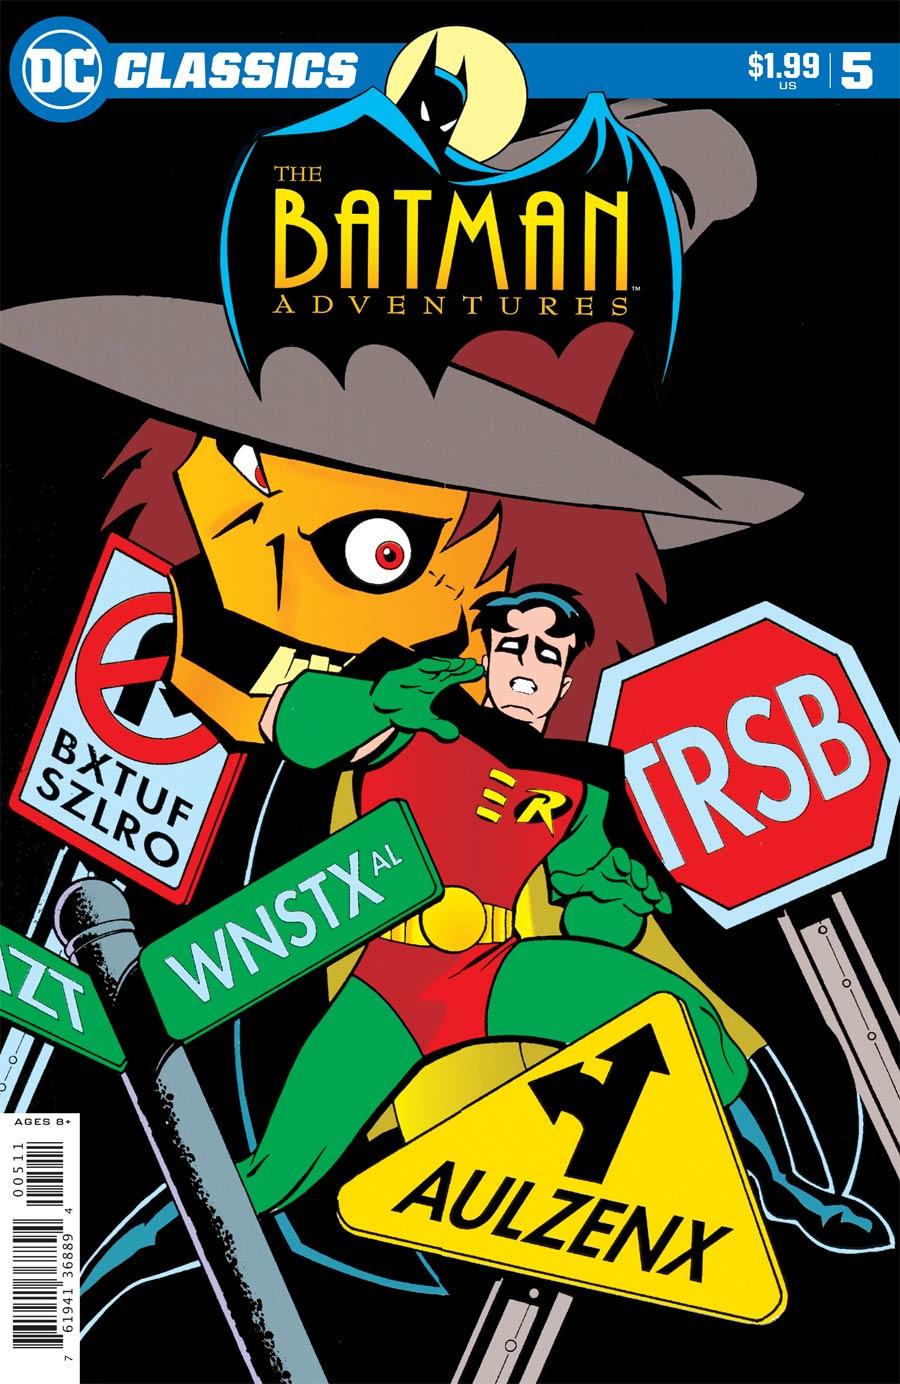 DC Classics Batman Adventures #5